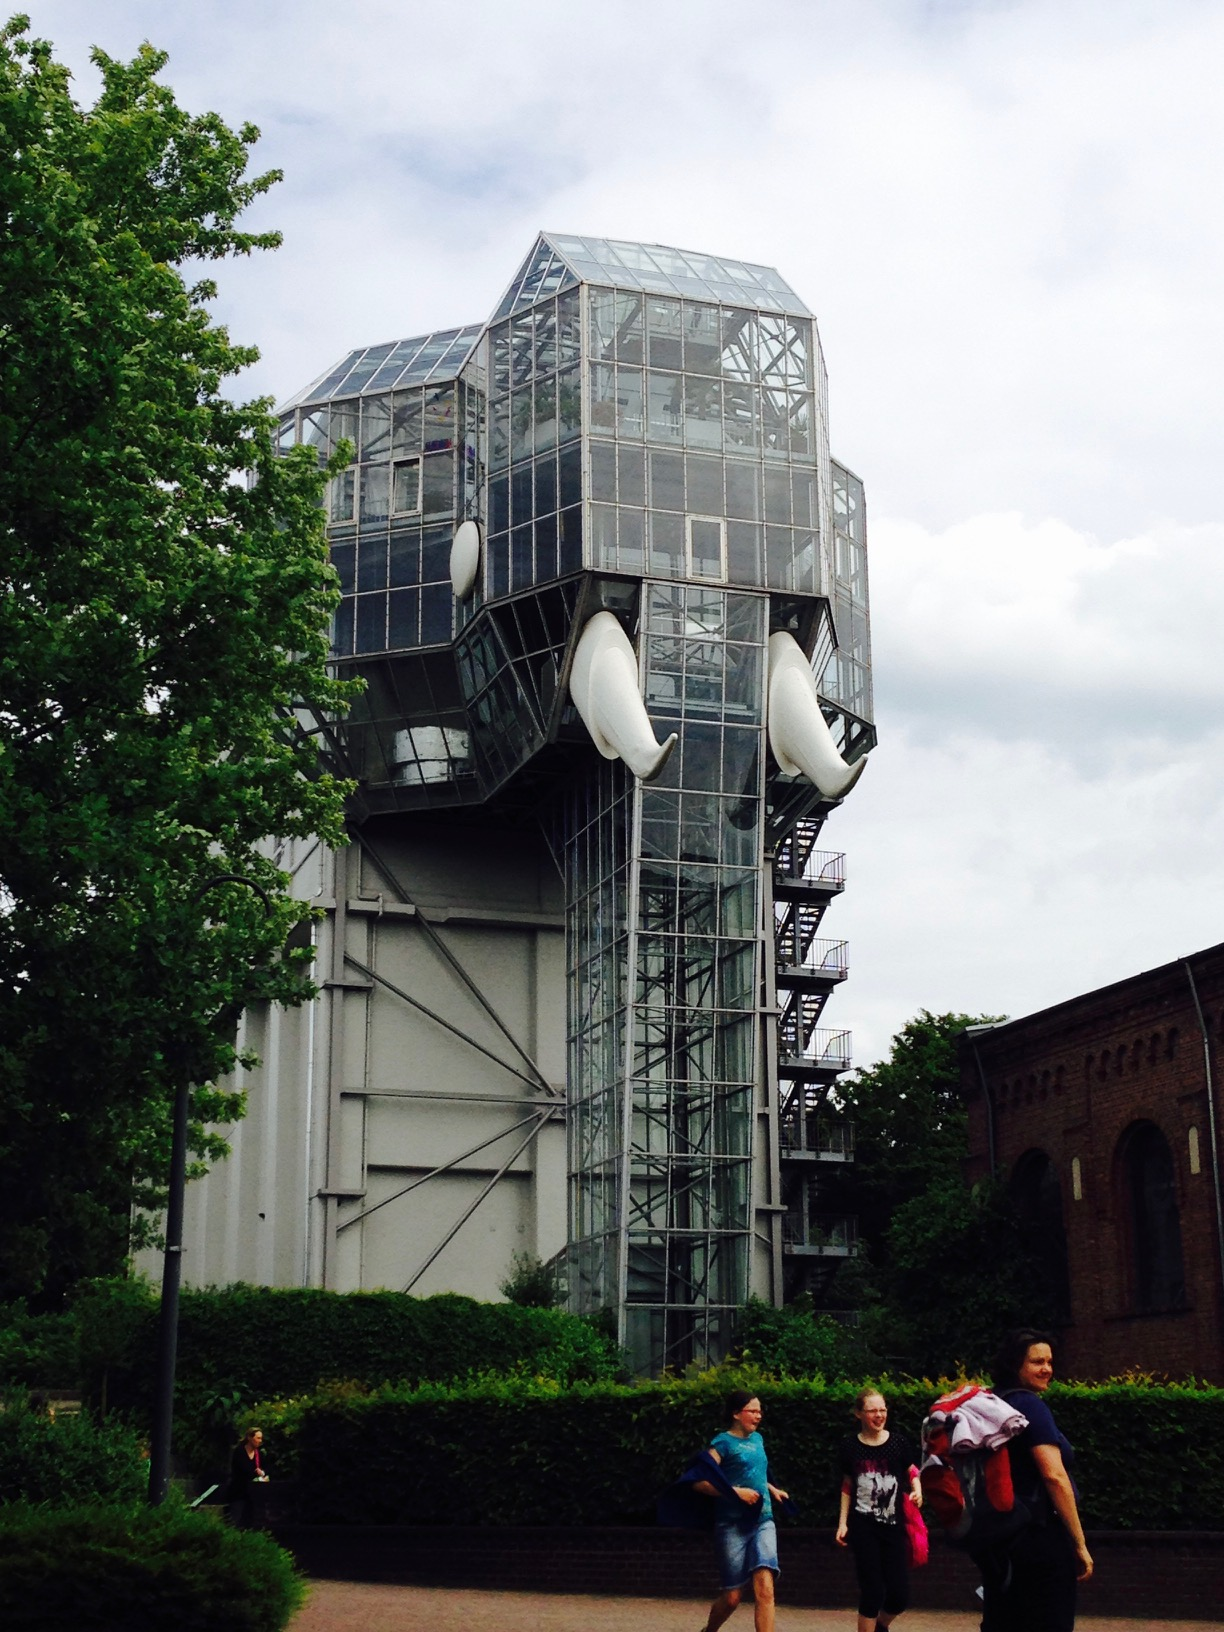 Ausflugstipps NRW, Blick auf den Glaselefant im Maxipark in Hamm